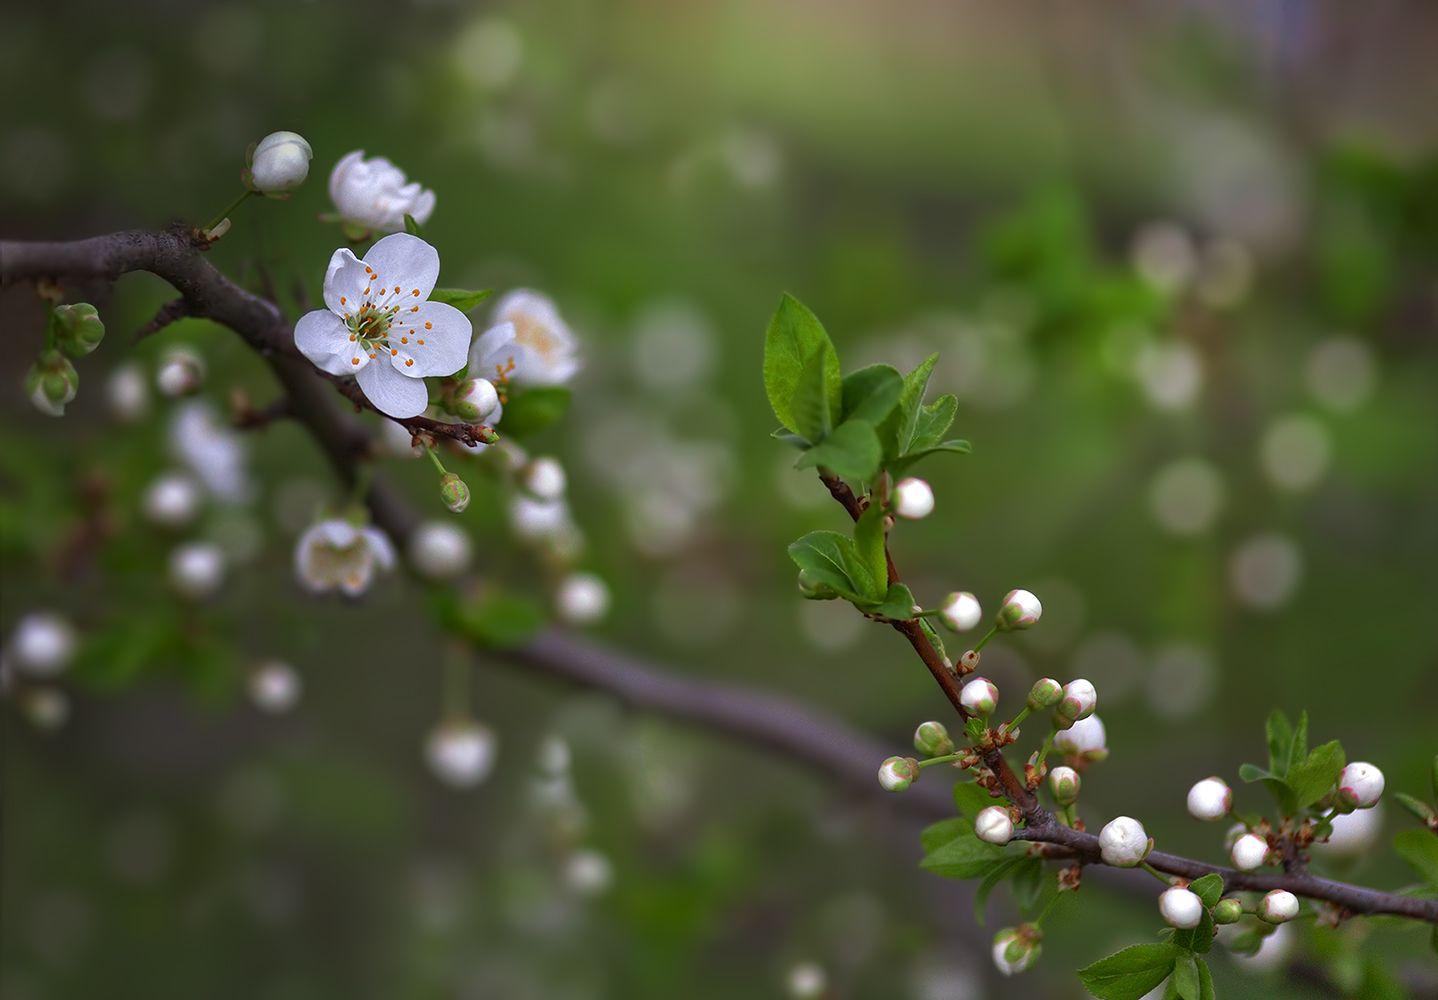 дыхание весны картинки они как золотистый